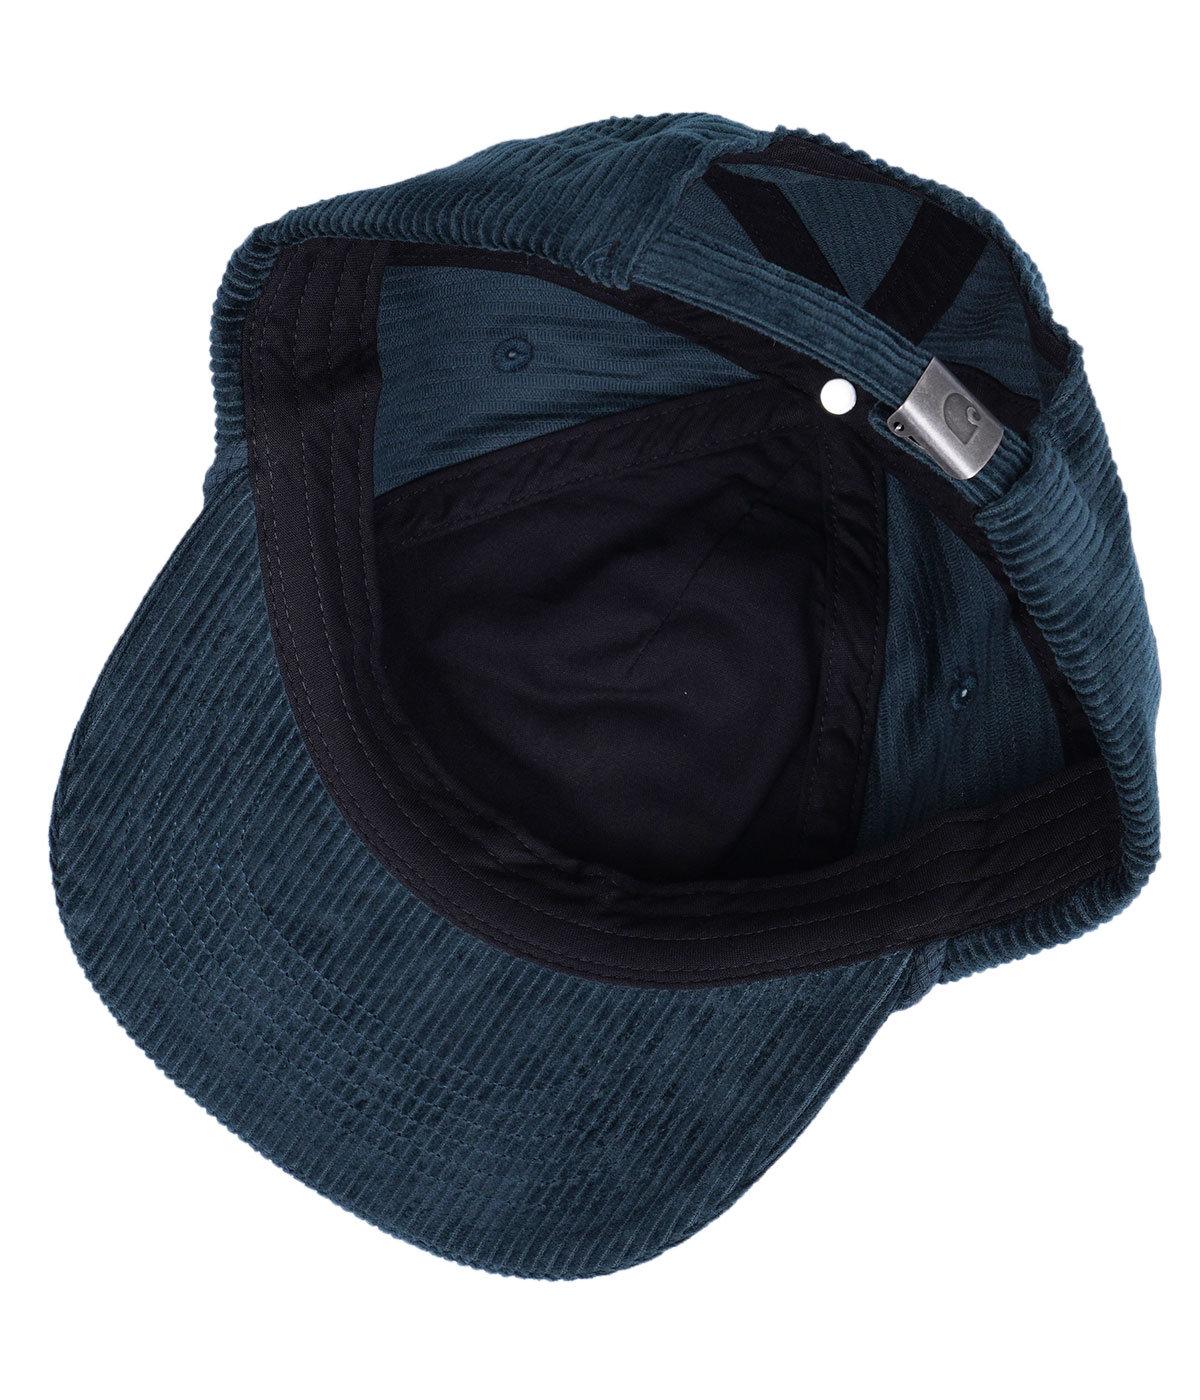 DENNIS CAP